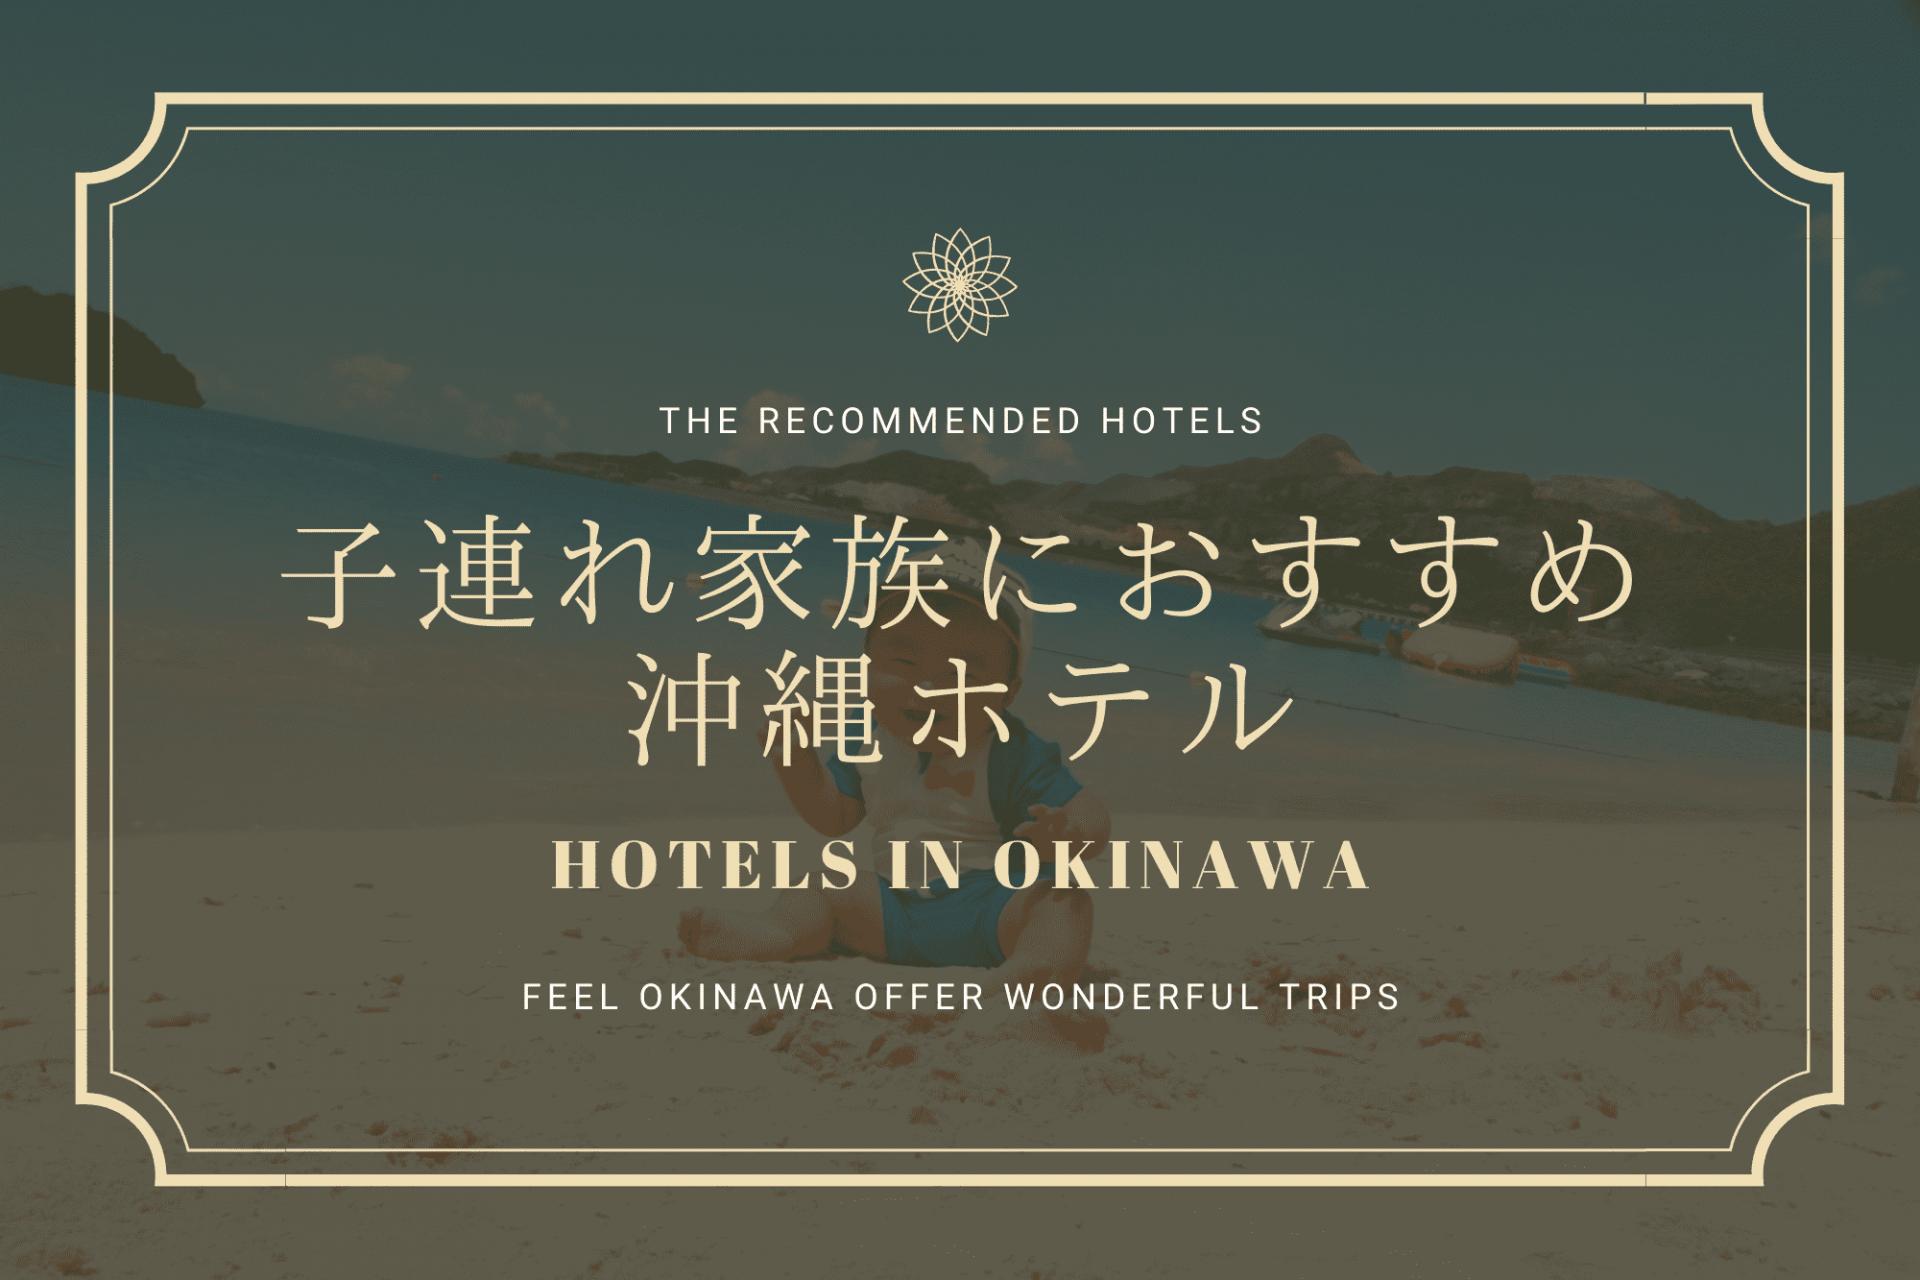 沖縄 子連れ ファミリー 家族 ホテル